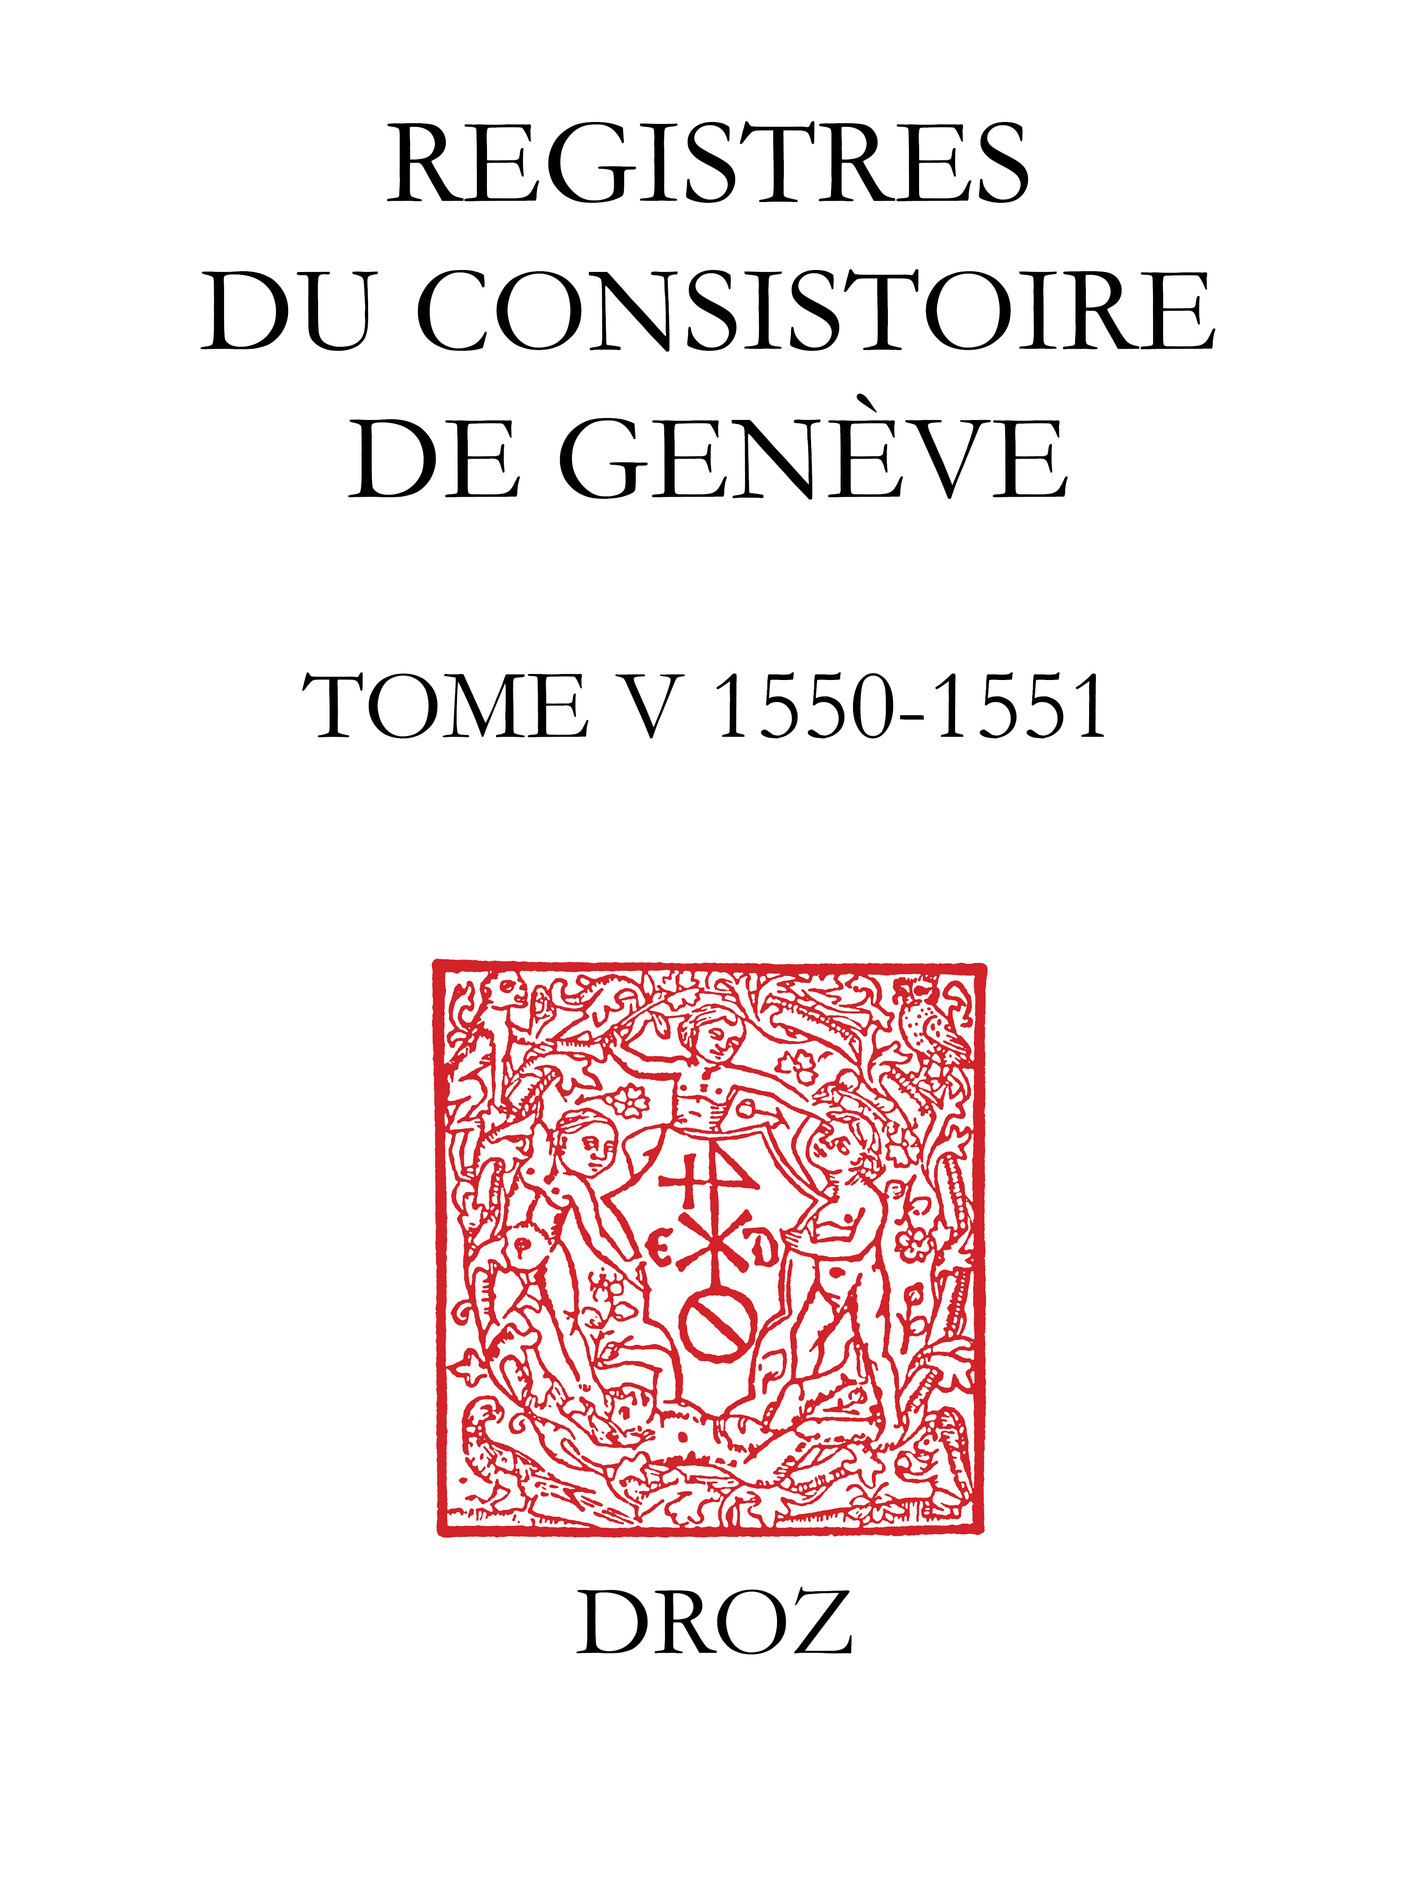 Registres du consistoire de geneve au temps de calvin. tome v (20 fevrier 1550 - 5 fevrier 1551)